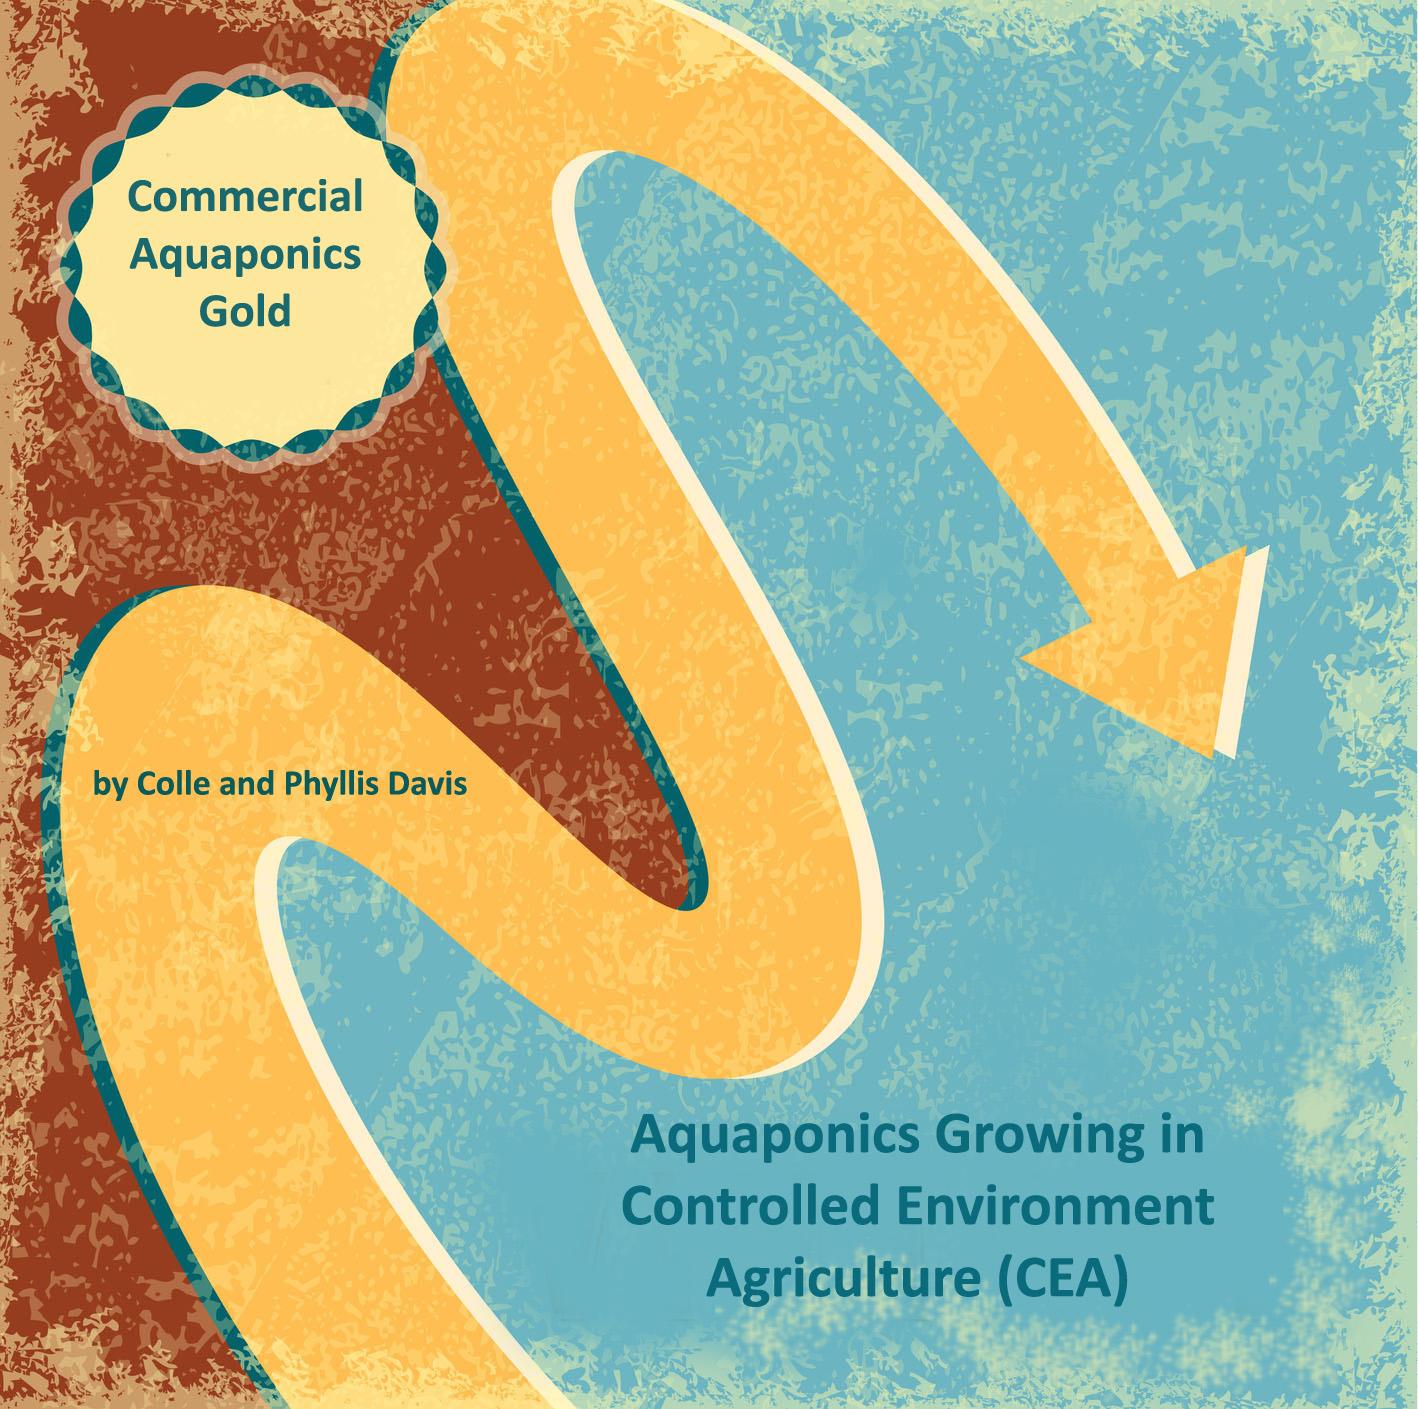 Prawn farming business plan